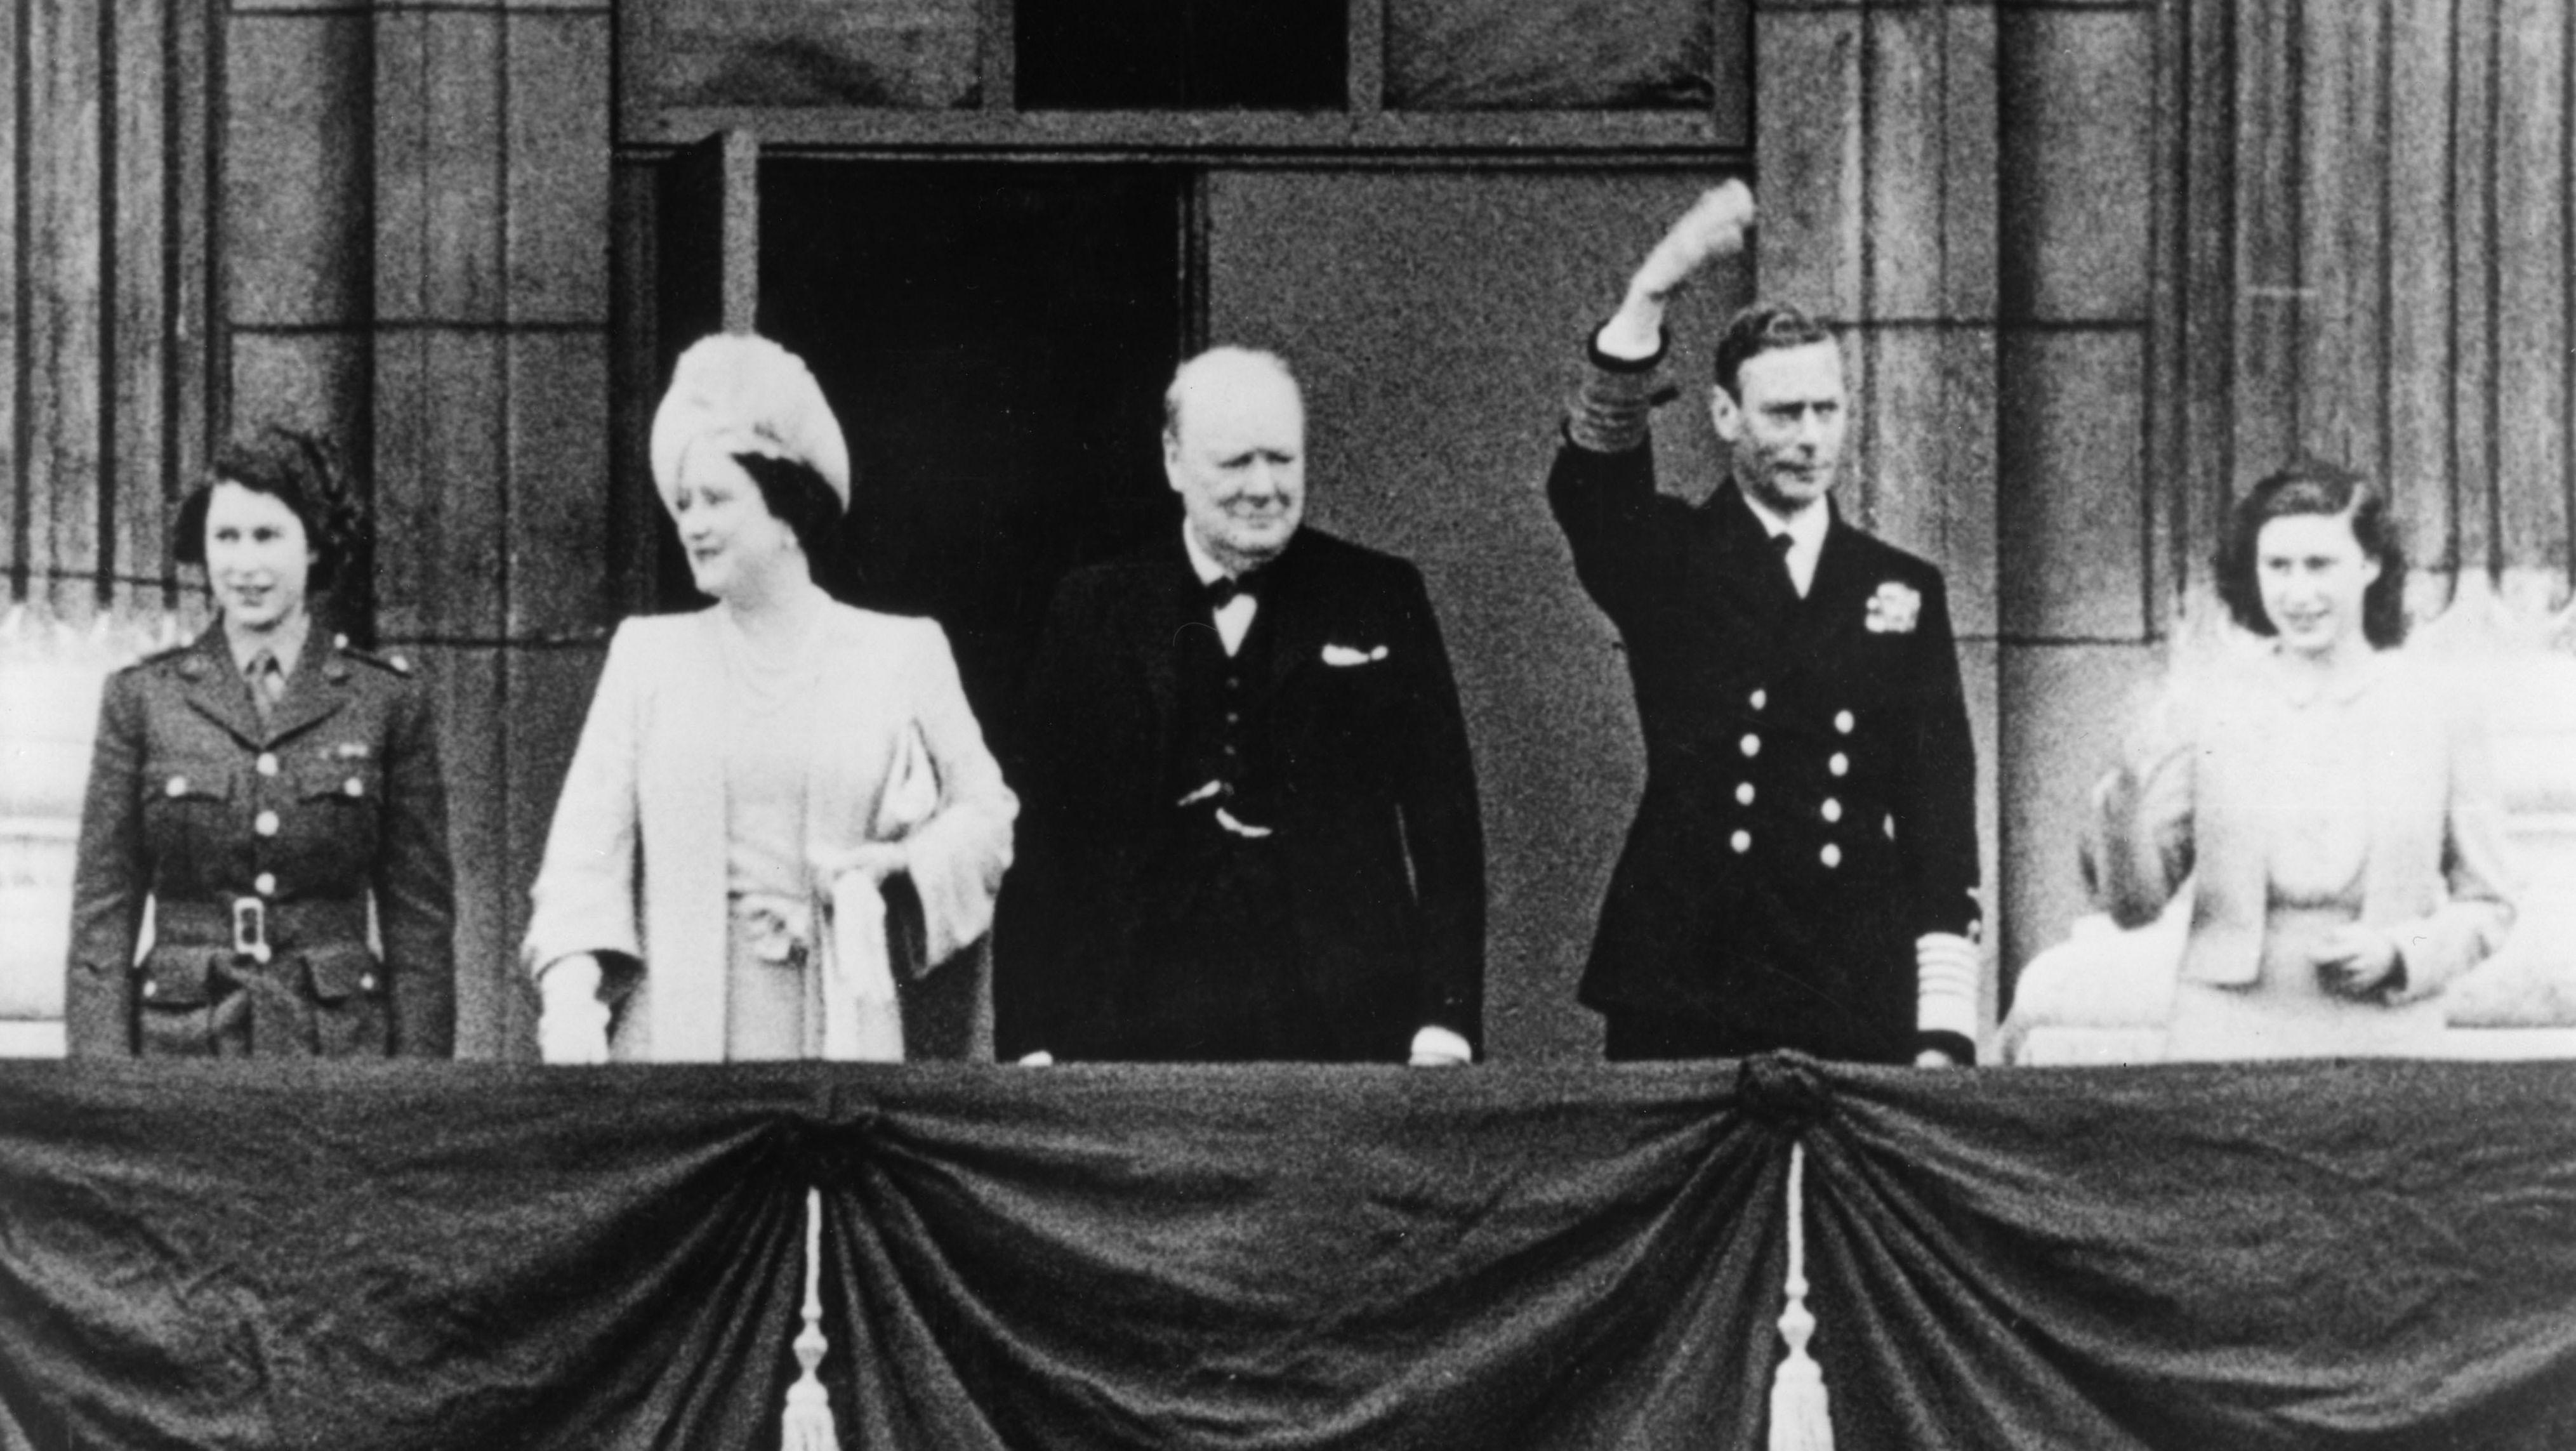 Premierminister Churchill mit der königlichen Familie auf dem Balkon des Buckingham Palace in London während der Siegesfeiern im Mai 1945